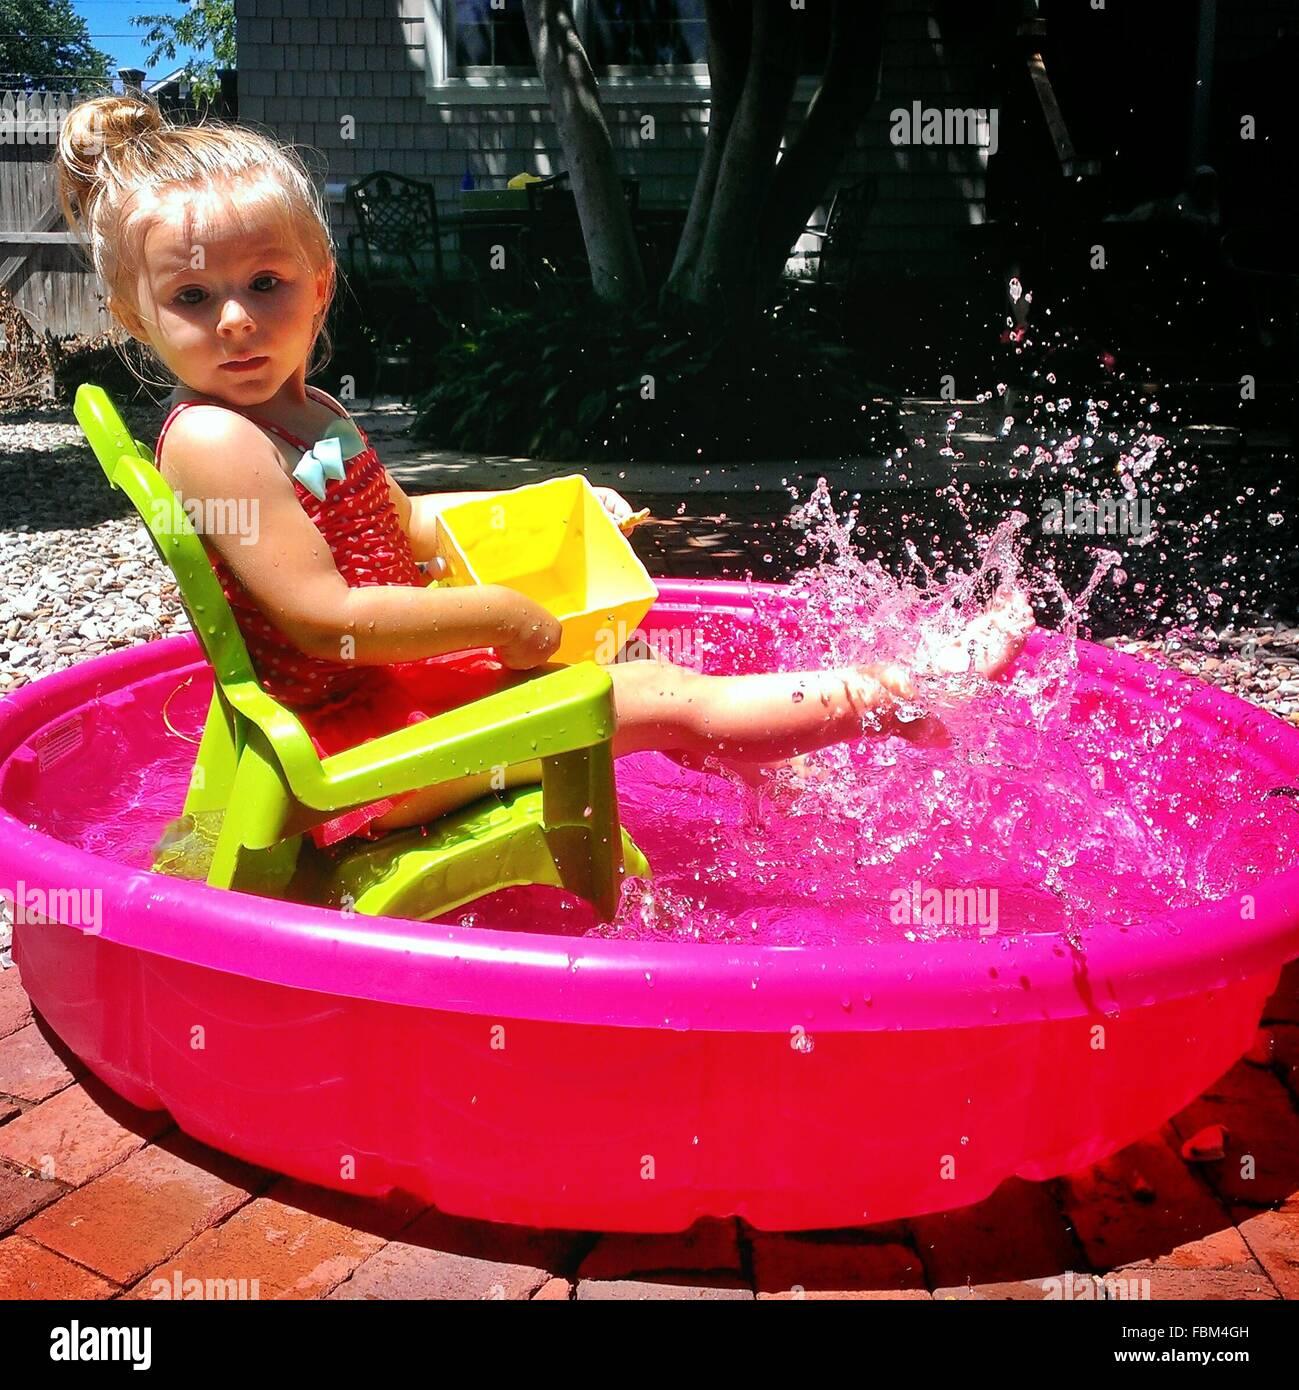 Vista lateral retrato de una linda chica salpicaduras de agua en la bañera exterior Imagen De Stock